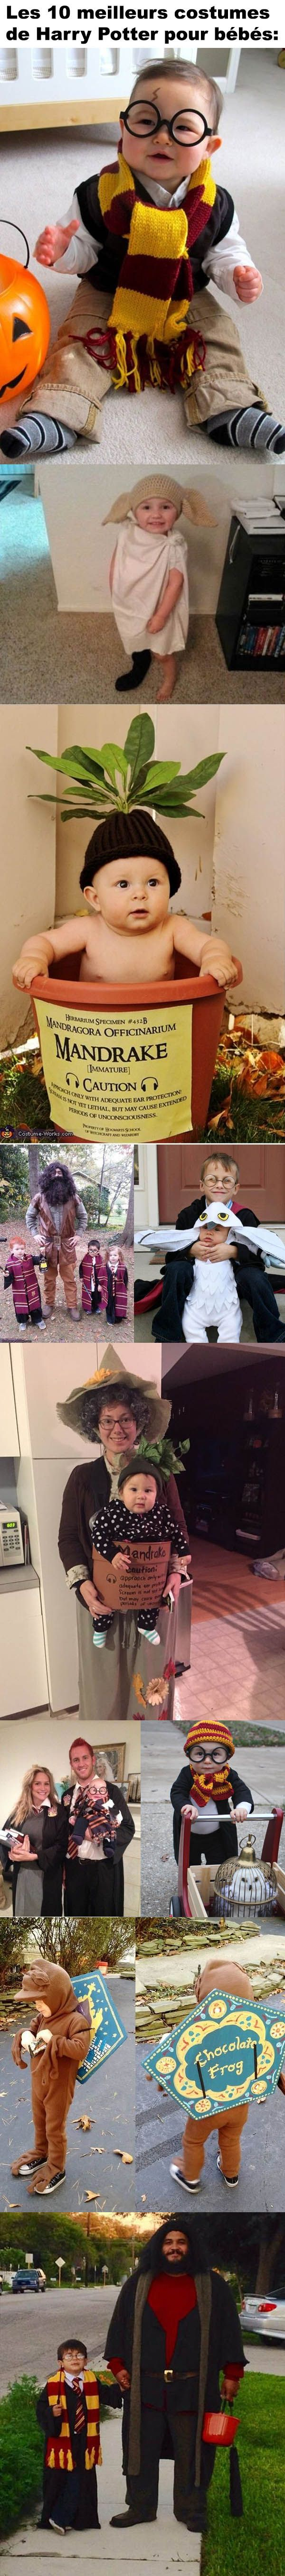 Les 10 meilleurs costumes de Harry Potter pour bébés